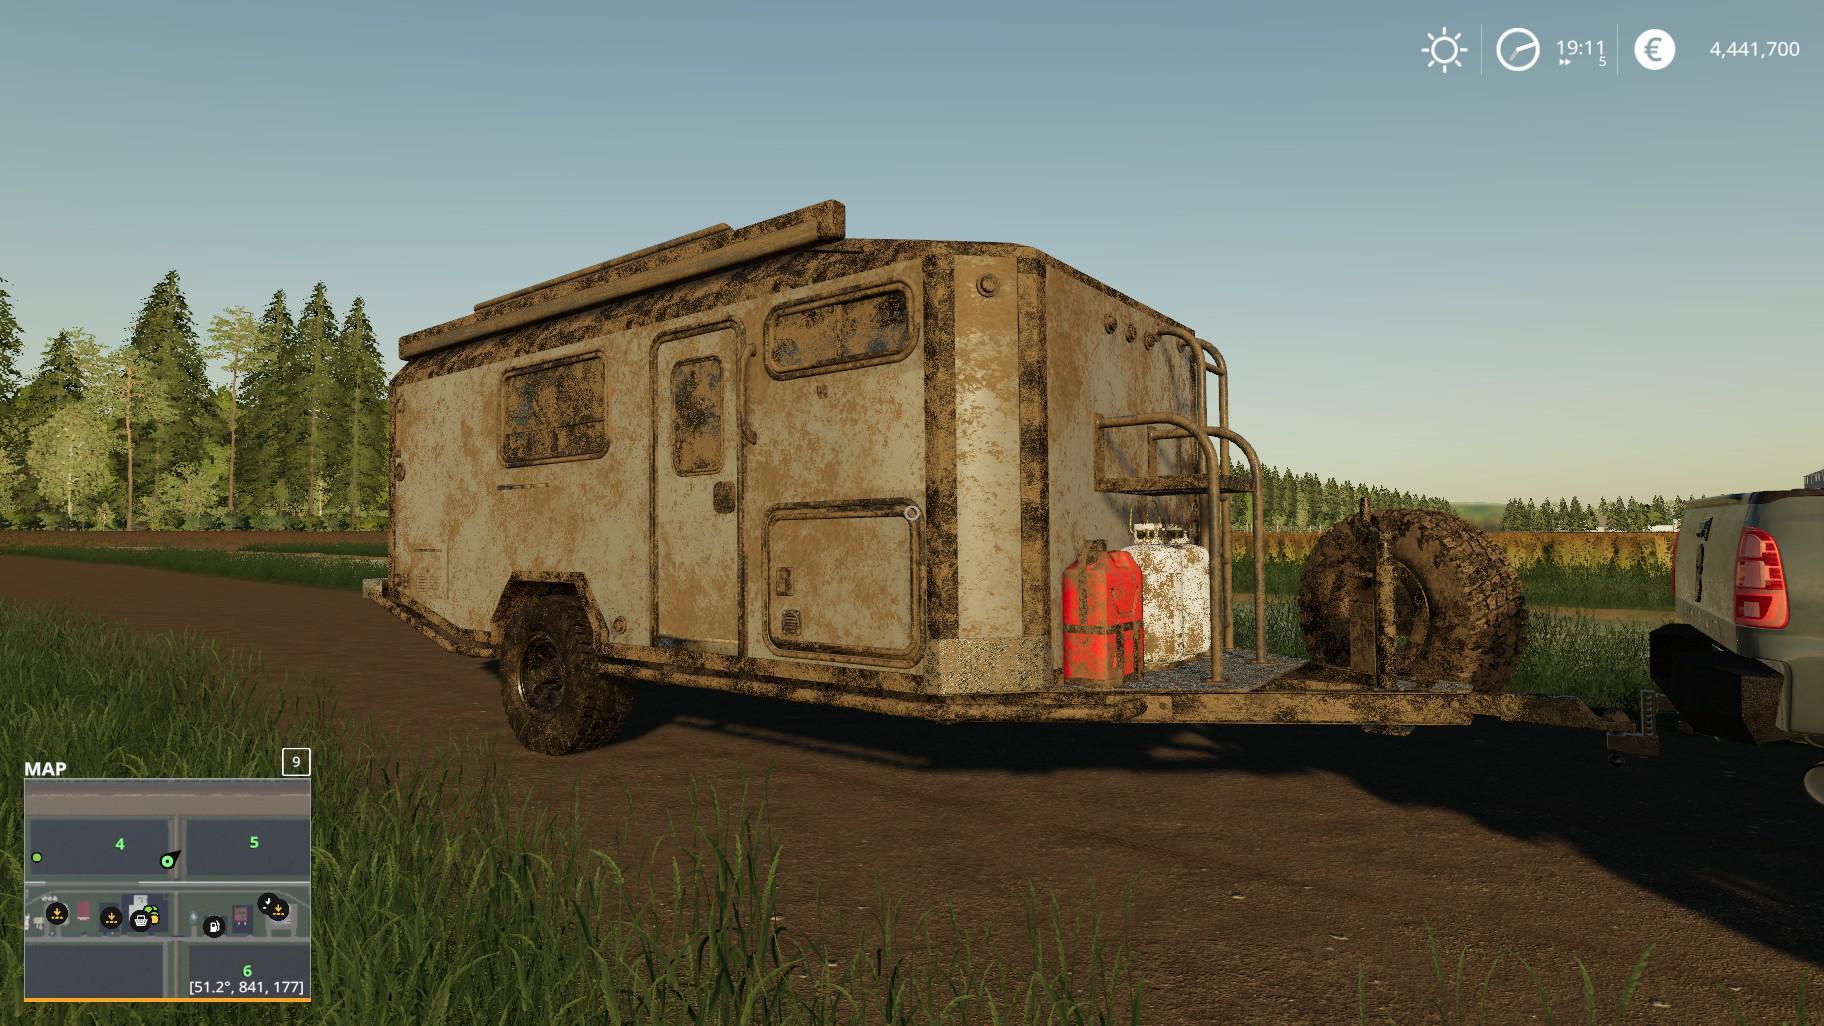 Adak Off Road Camper v 1 0 | FS19 mods, Farming simulator 19